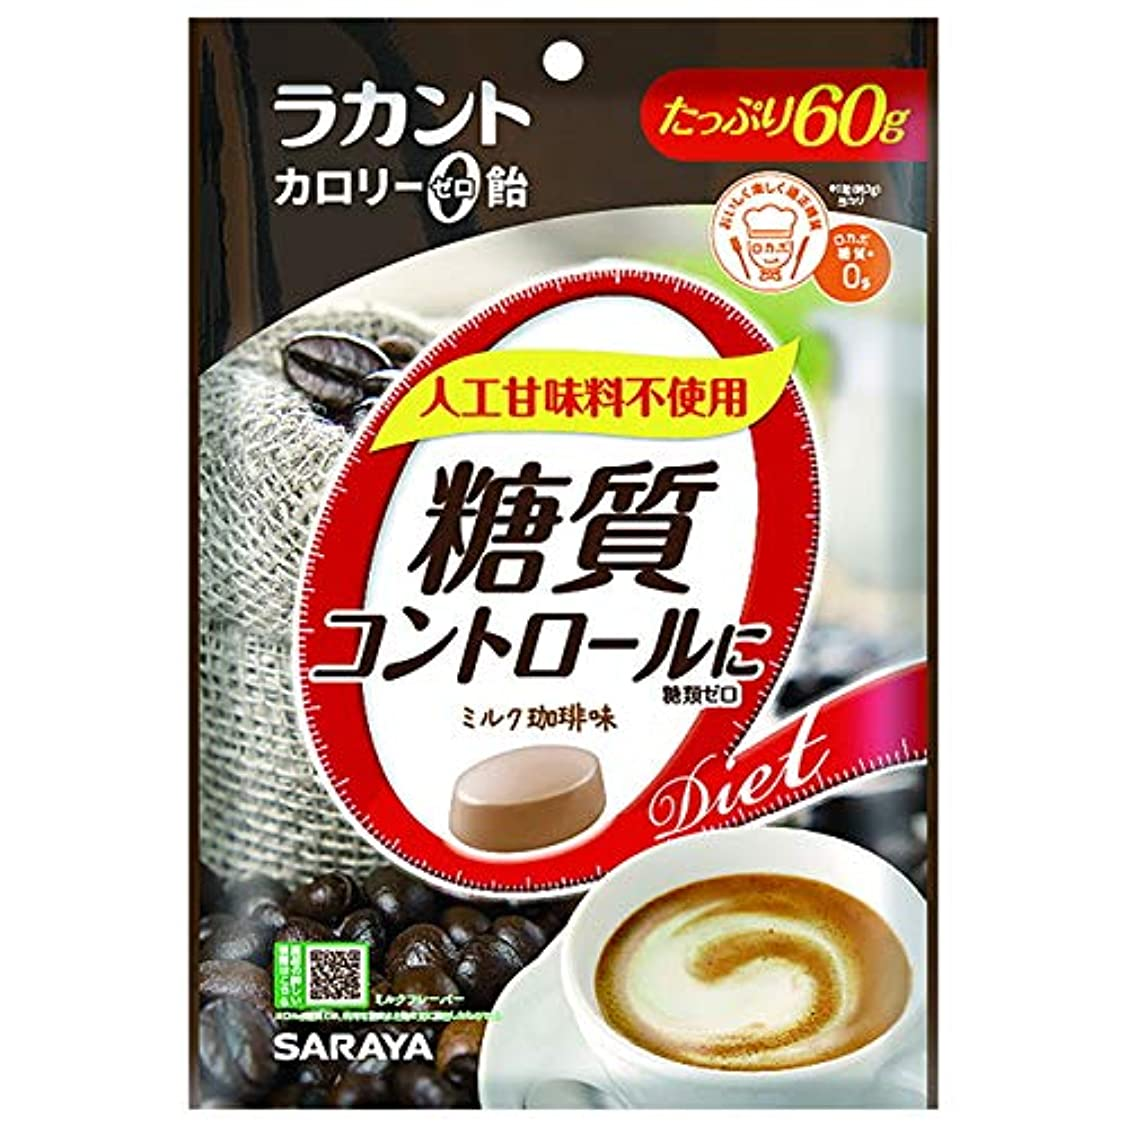 多様性値火薬ラカント カロリーゼロ飴 ミルク珈琲 60g【3個セット】